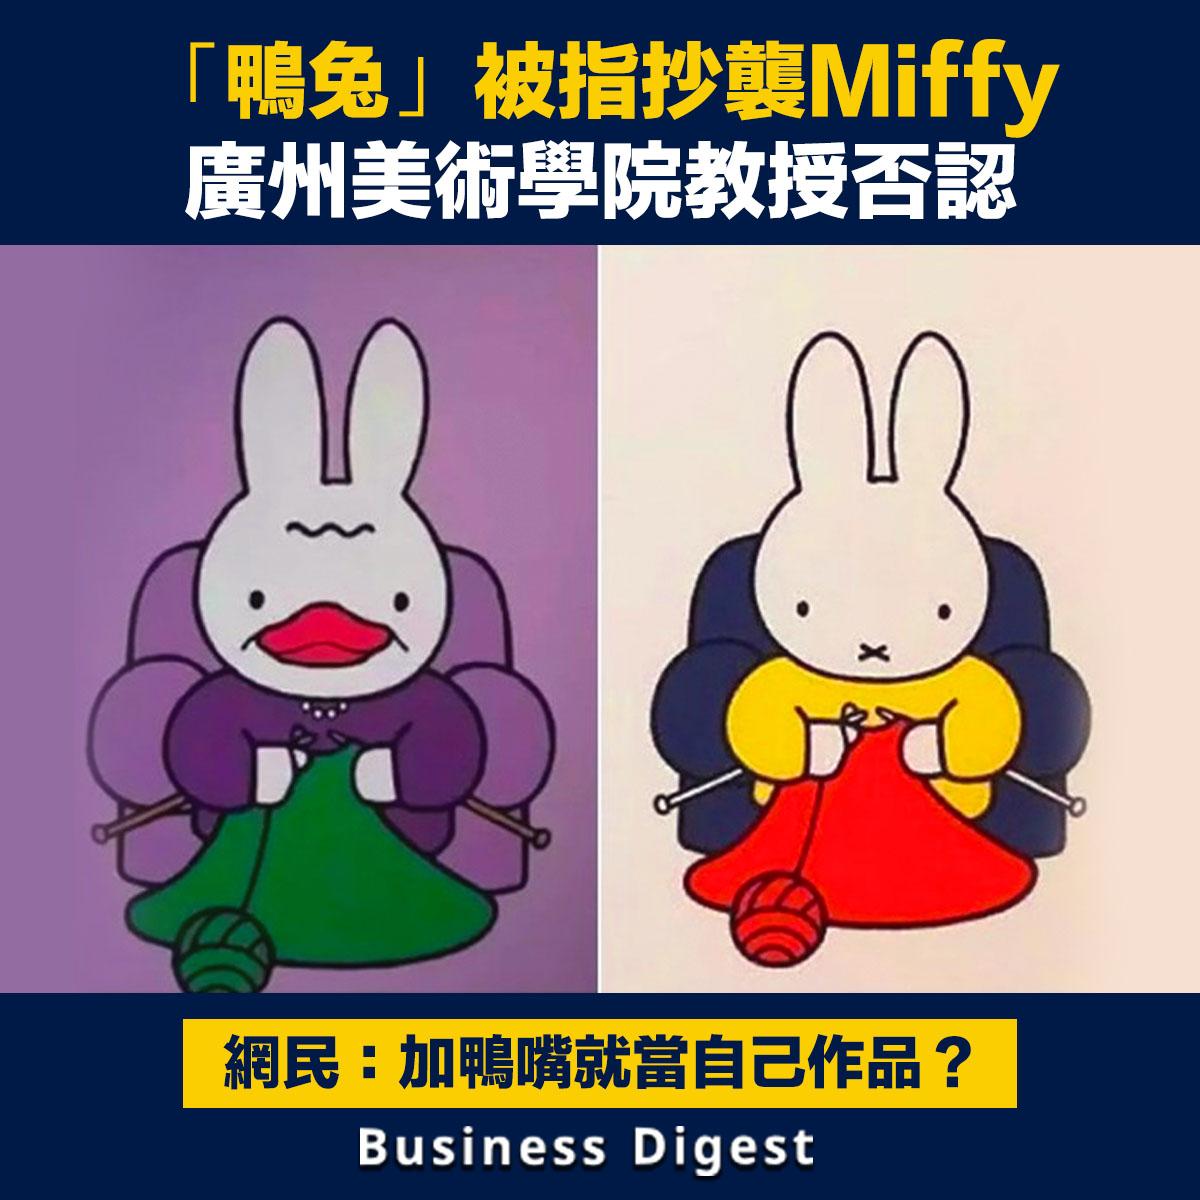 「鴨兔」被指抄襲Miffy,廣州美術學院教授否認